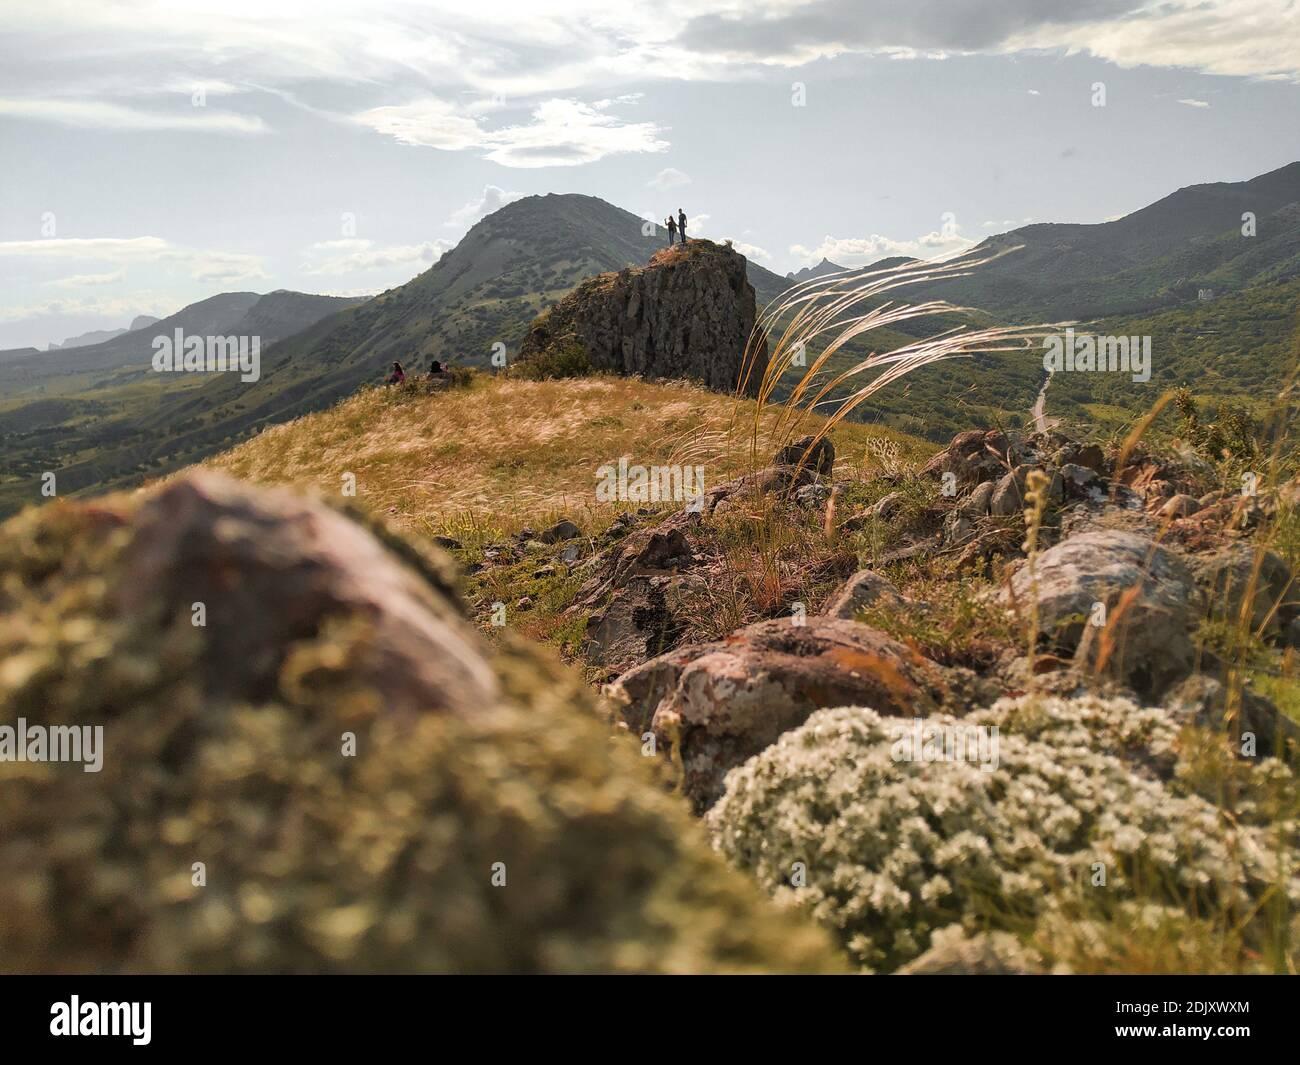 Paesaggio estivo con una coppia che guarda il paesaggio sulla roccia. Destinazioni di viaggio e obiettivi escursionistici raggiungimento per una buona salute e corpo forte Foto Stock